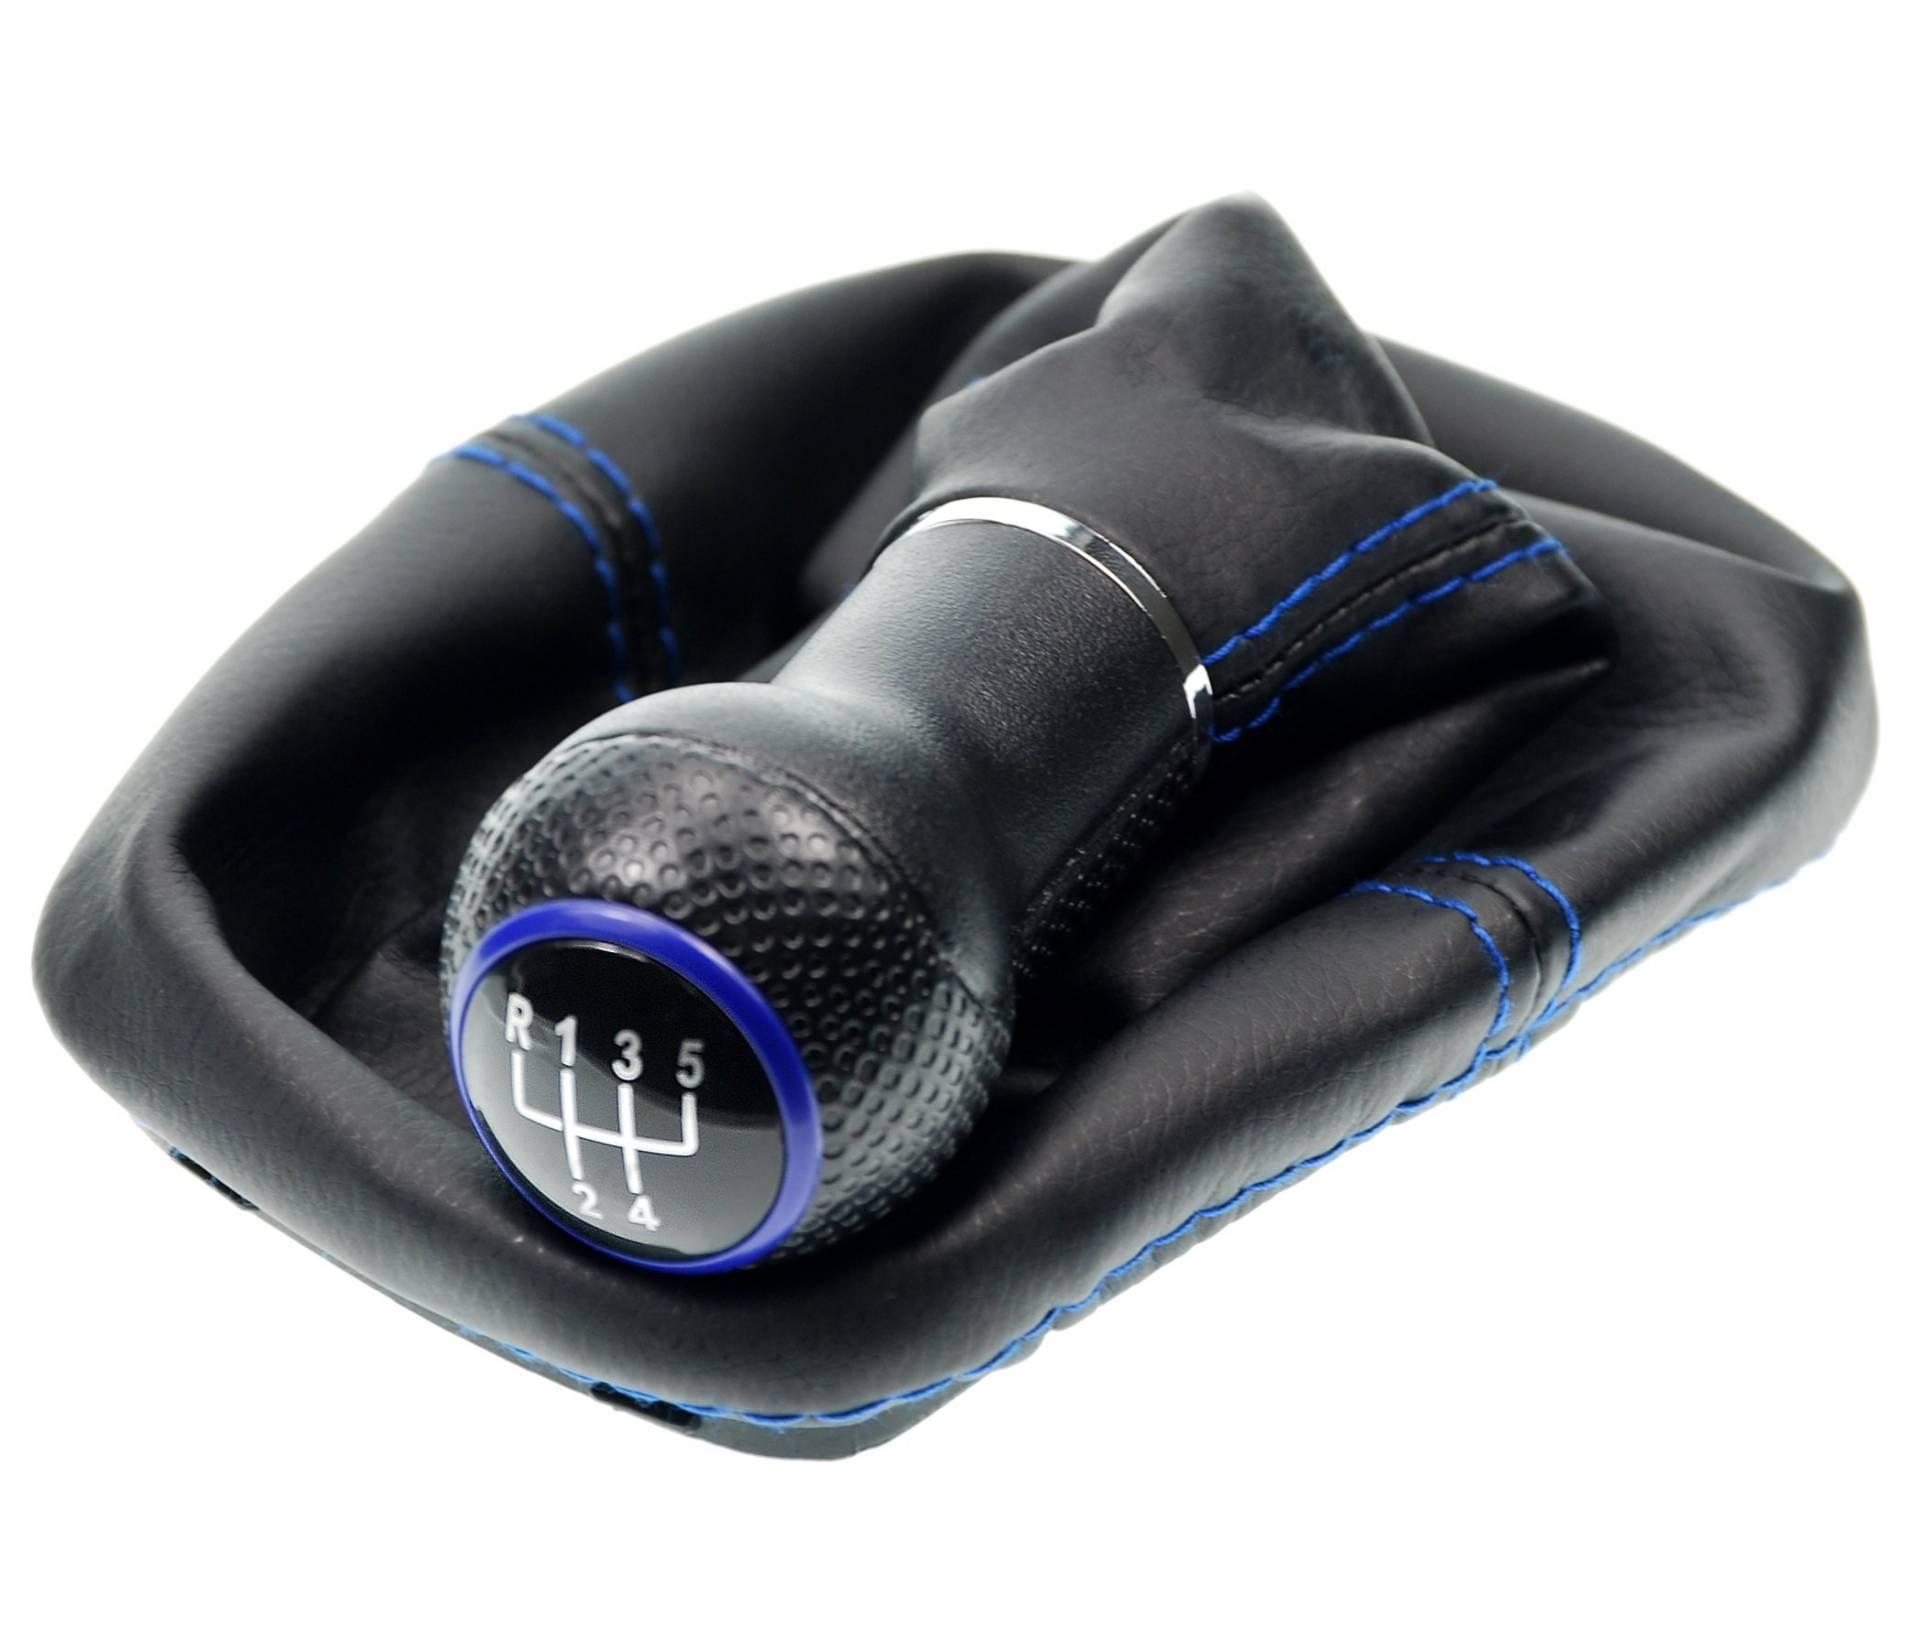 L /& P Car Design L/&P A0191 Schaltsack Schaltmanschette Handbremsmanschette kompatibel mit BMW 3er e30 100/% Echtleder Leder Schwarz Naht Blau